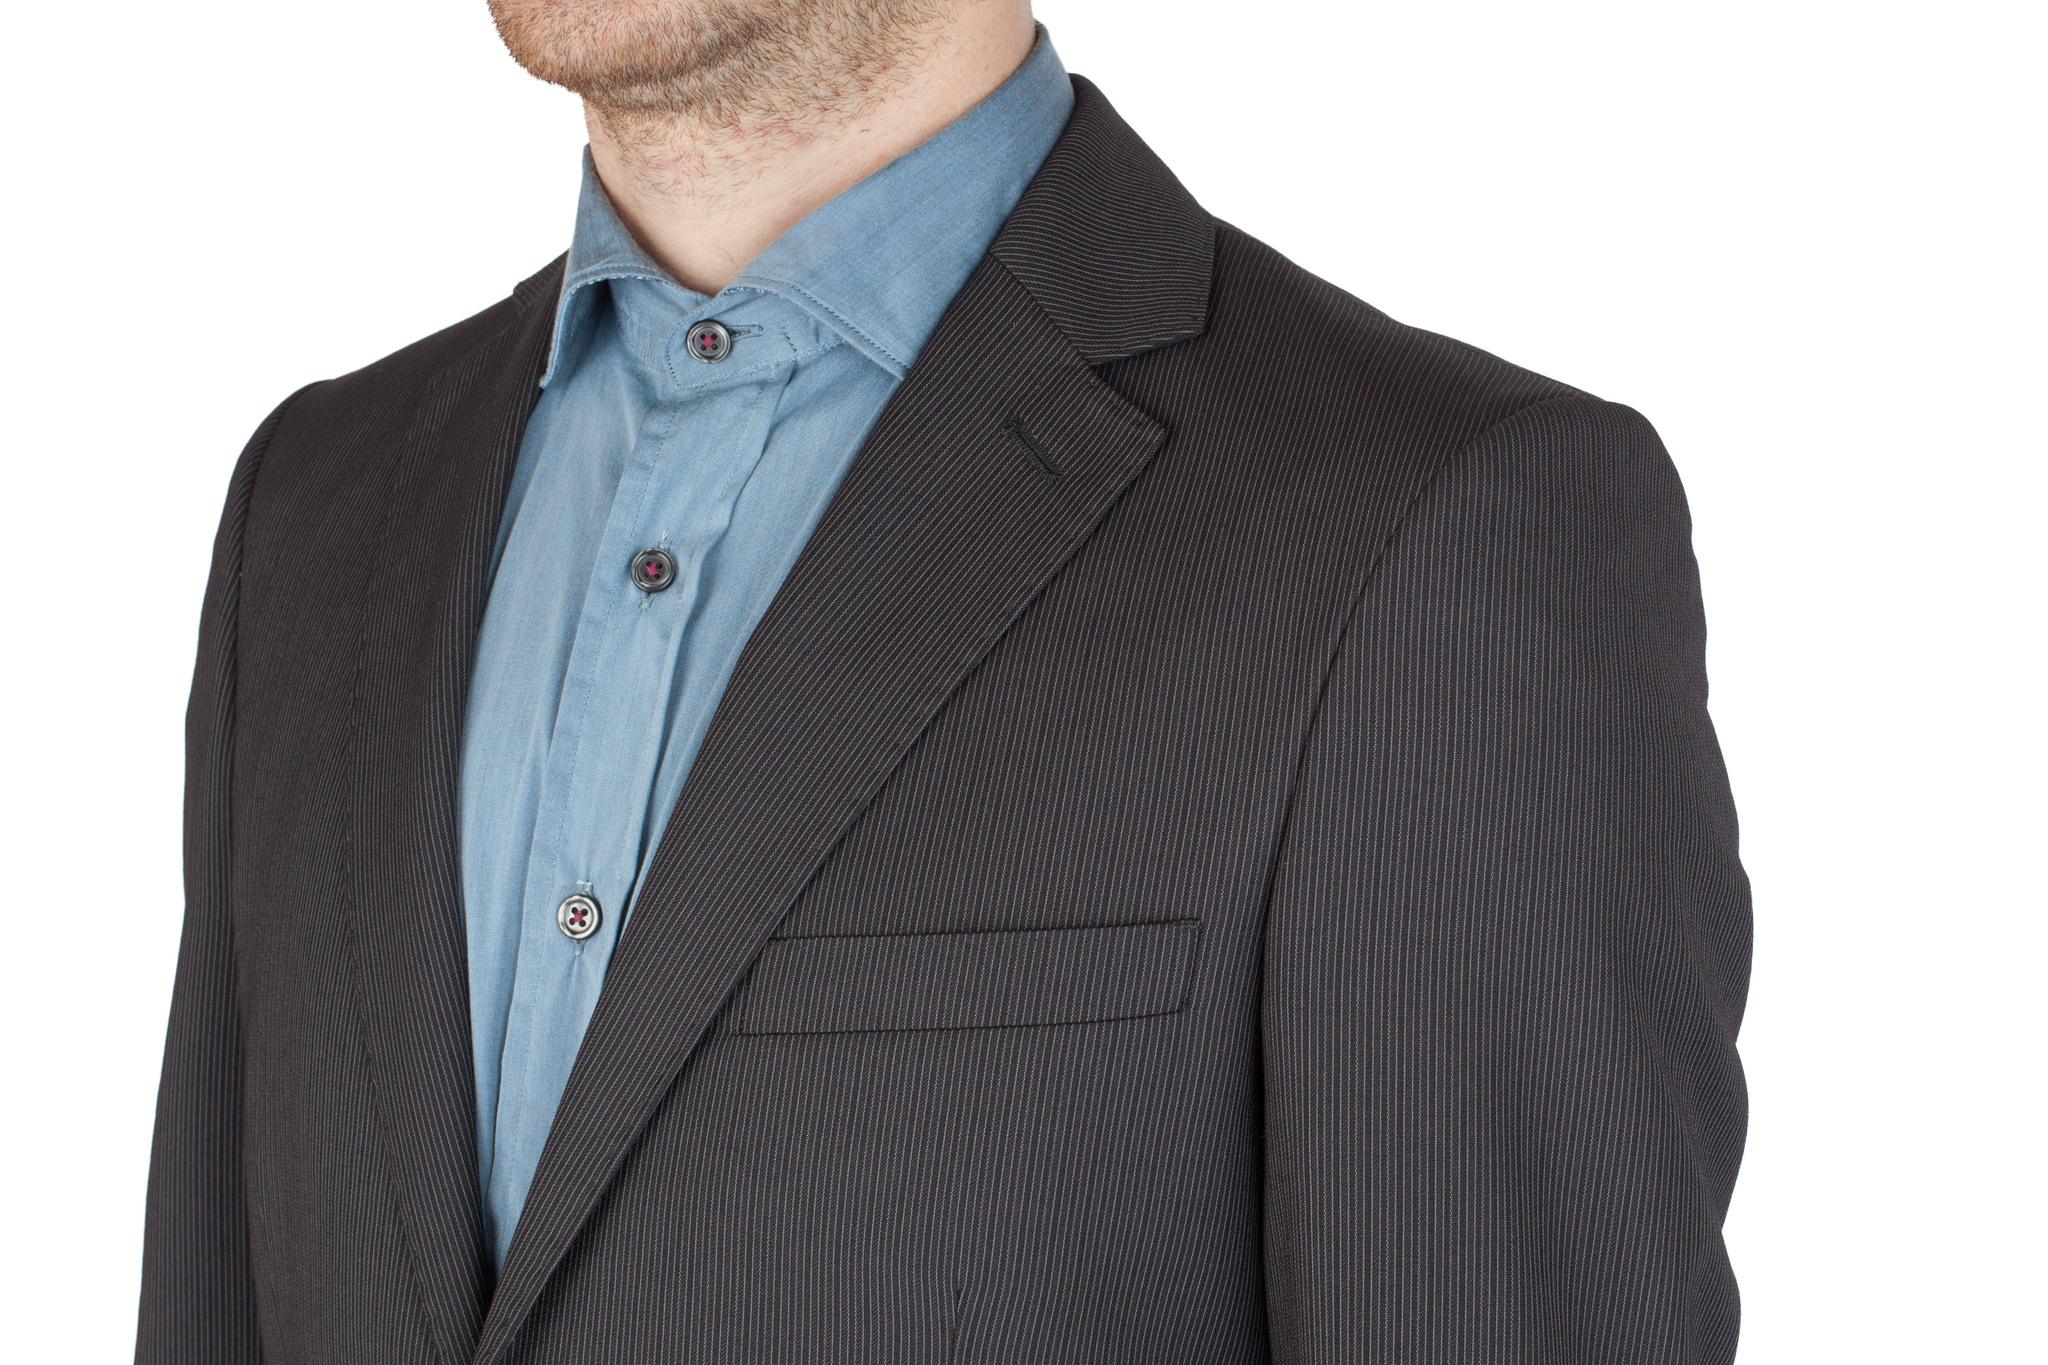 Тёмно-серый шерстяной костюм в тонкую светлую полоску, нагрудный карман